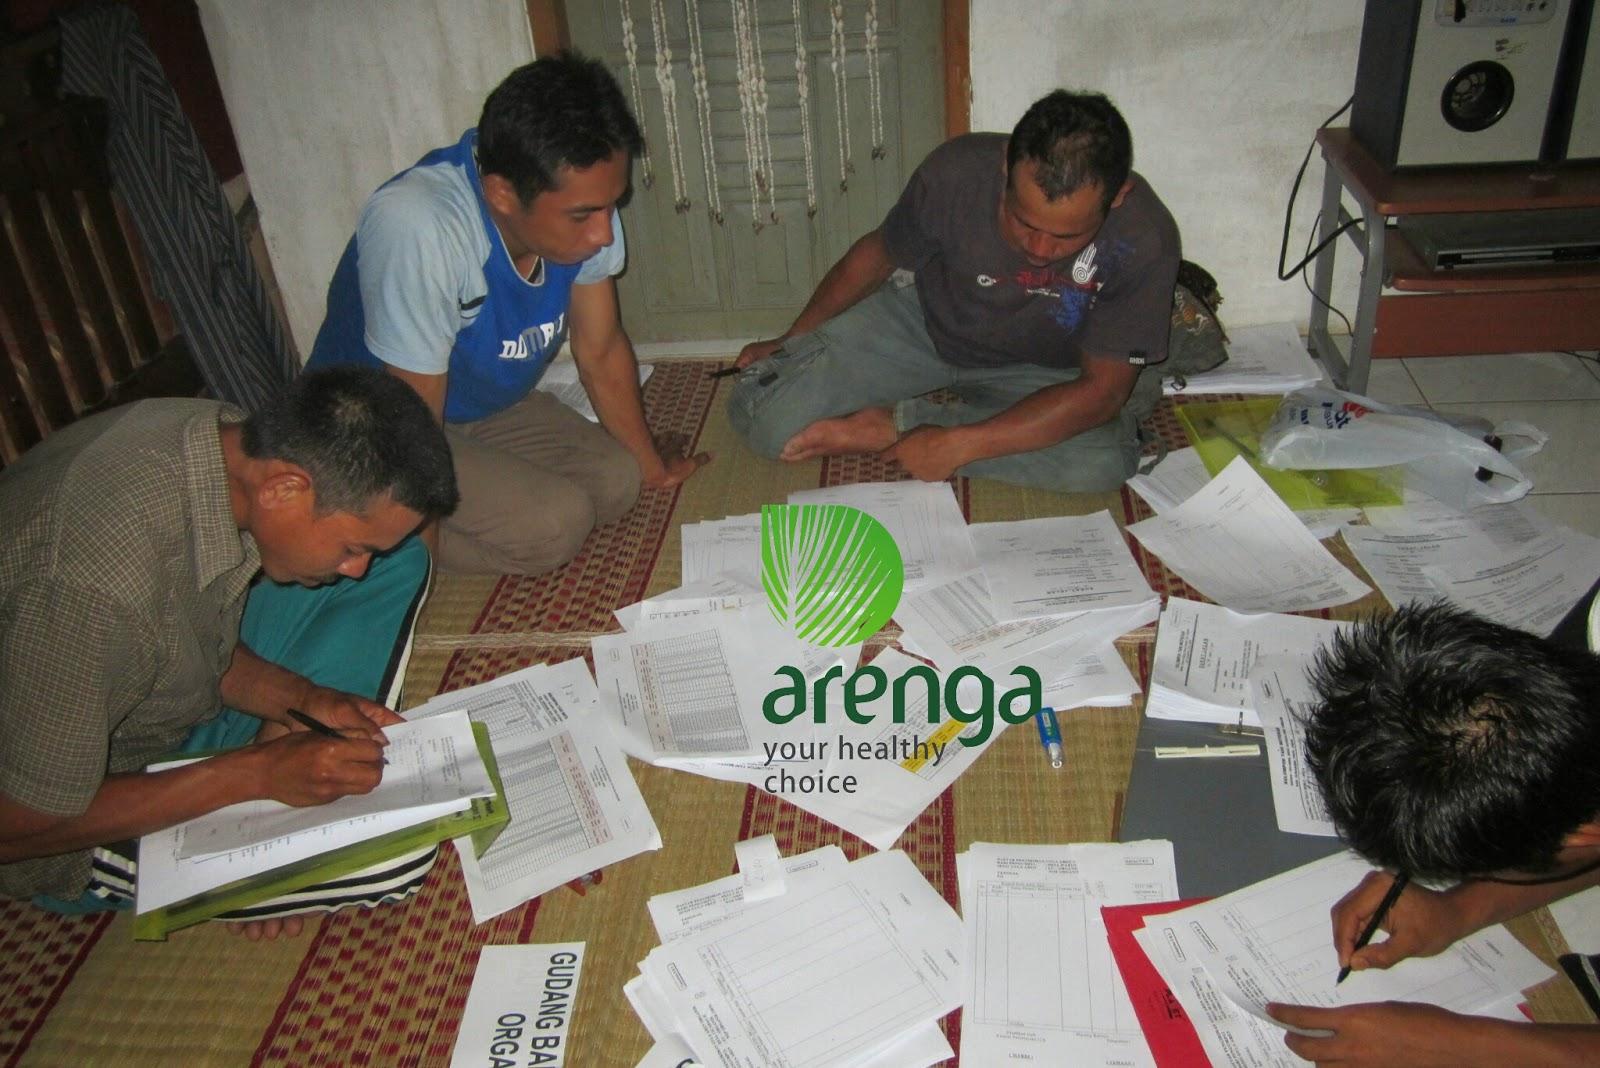 audit arenga organic. kelompok tani dalam proyek gula aren organik mempersiapkan dokumen